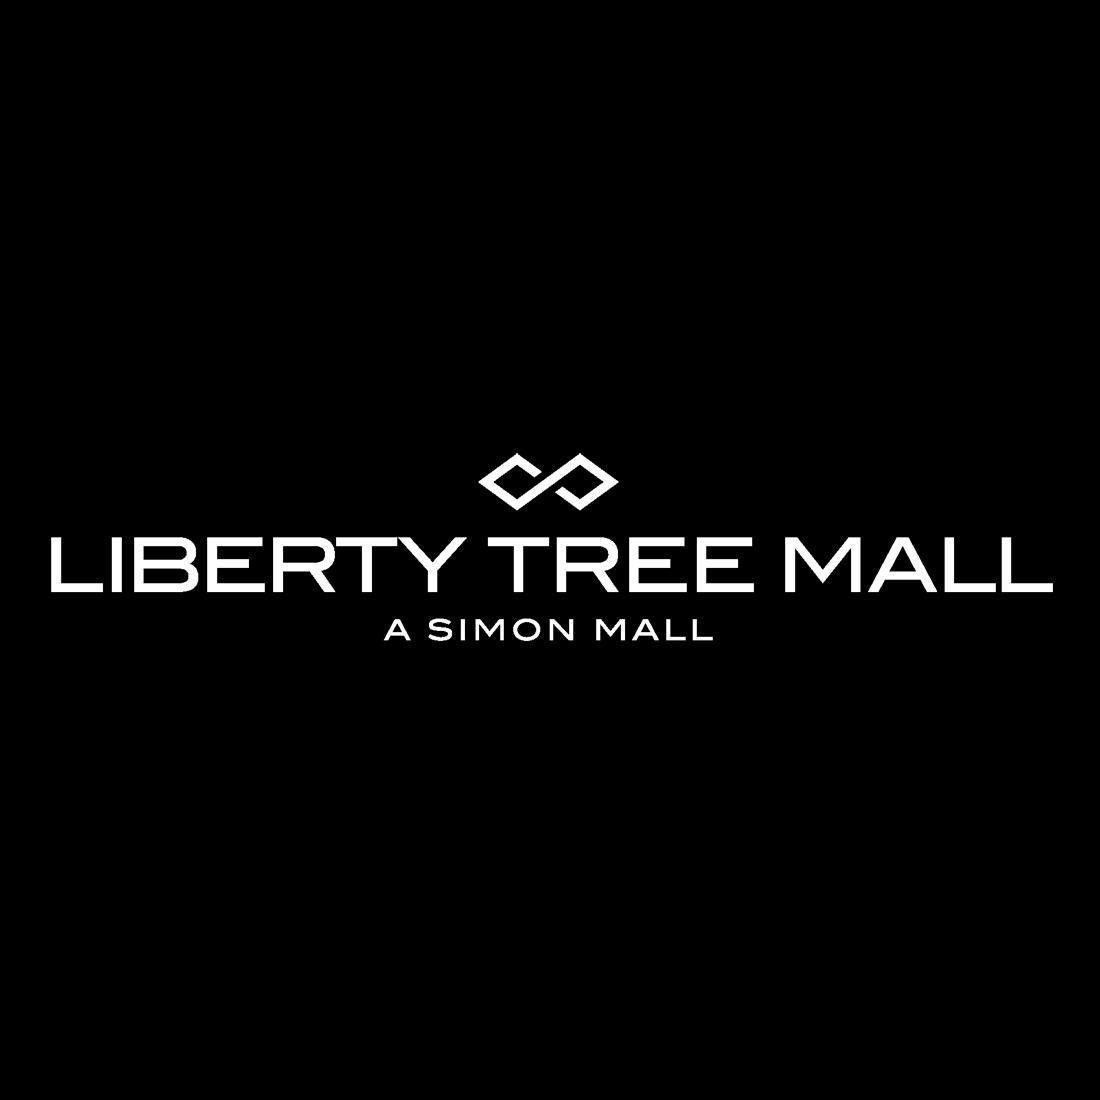 Liberty Tree Mall